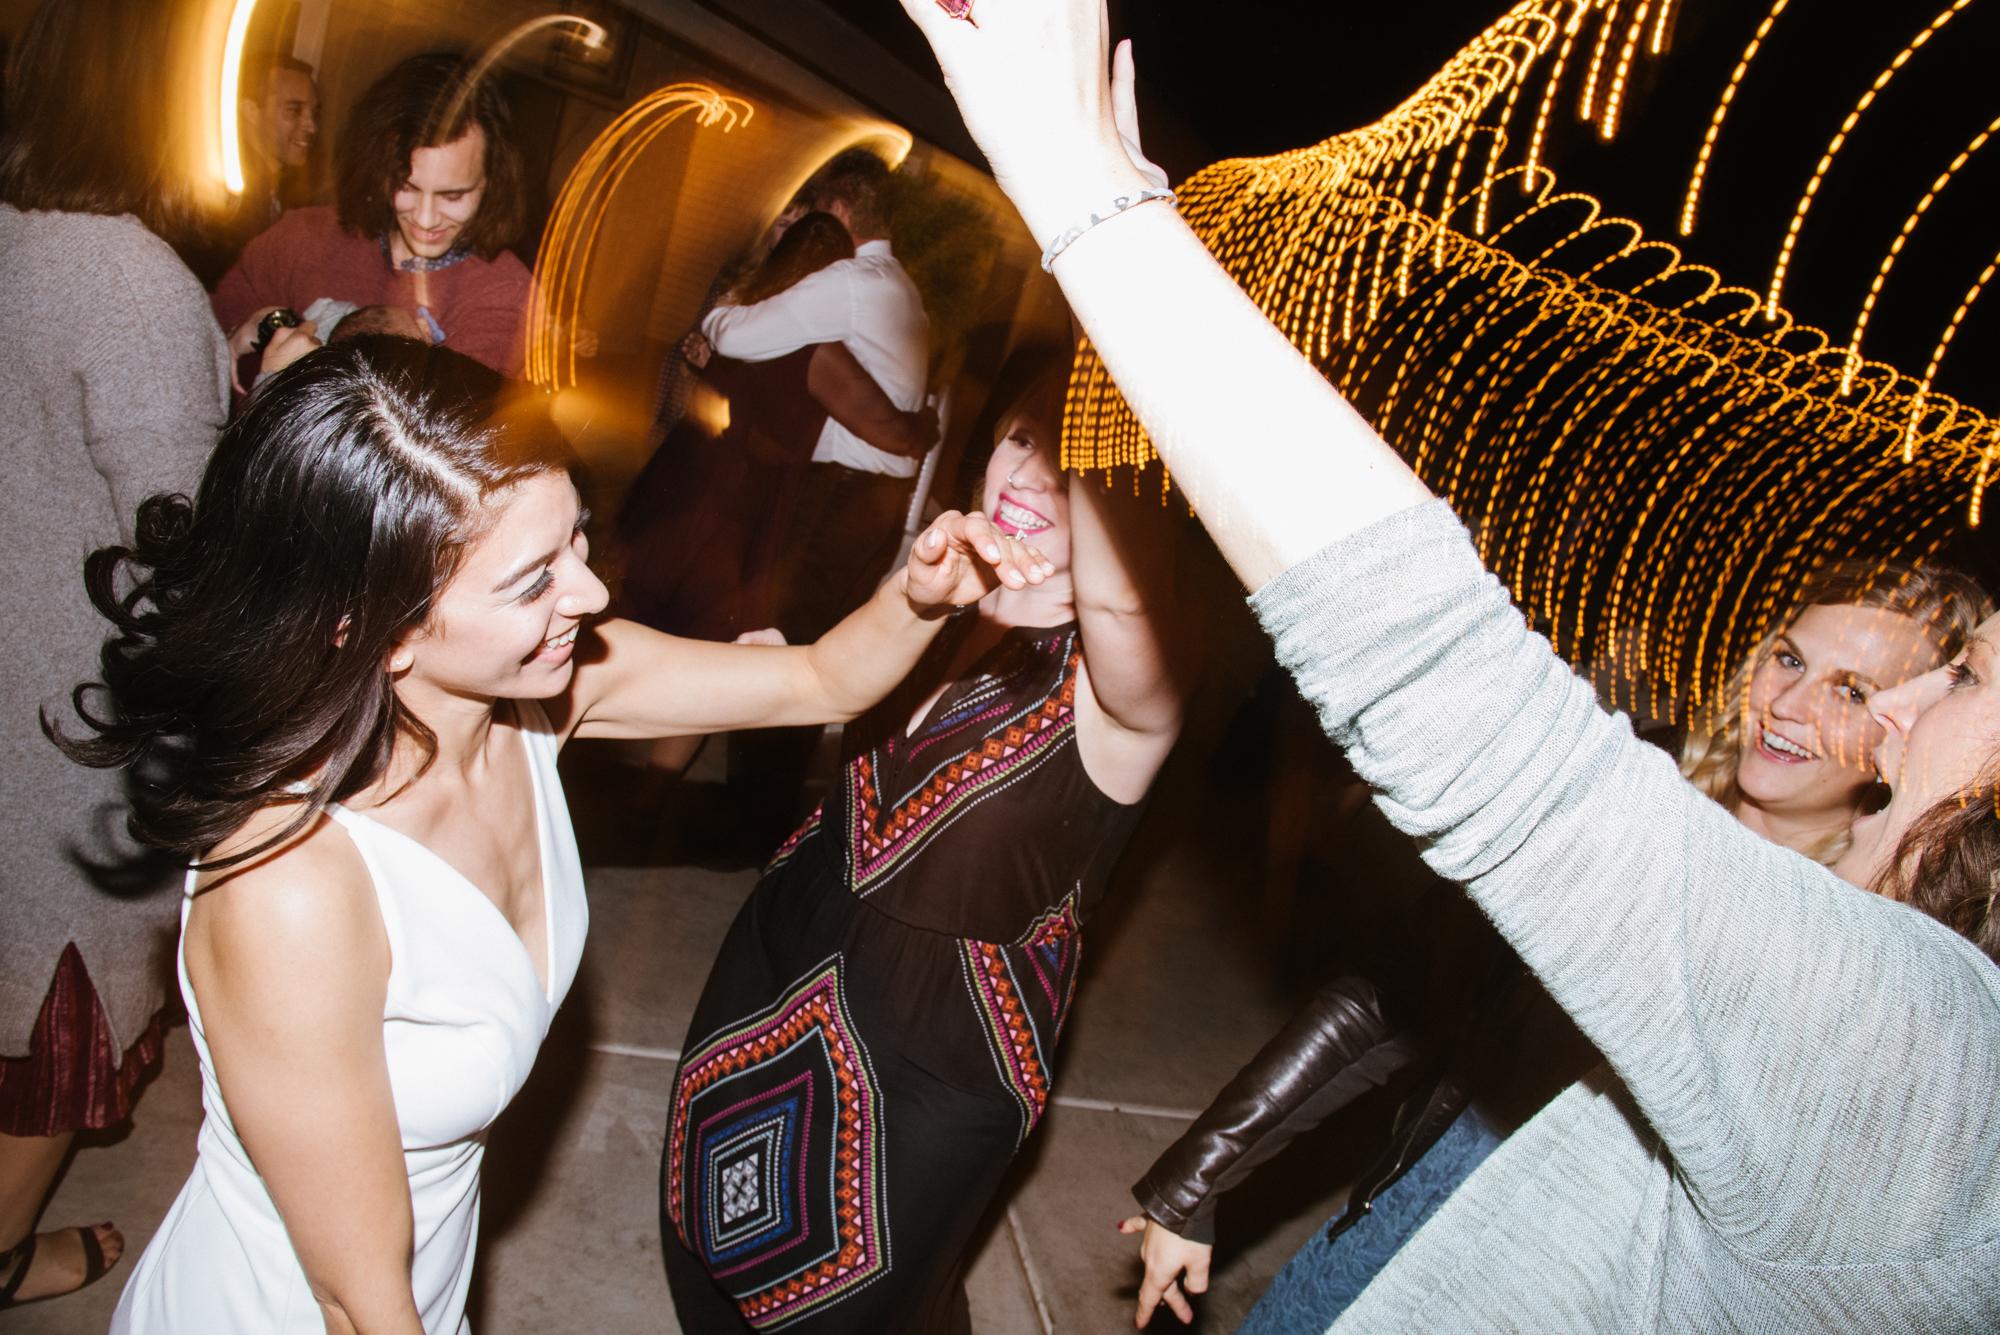 dancing-lights.jpg